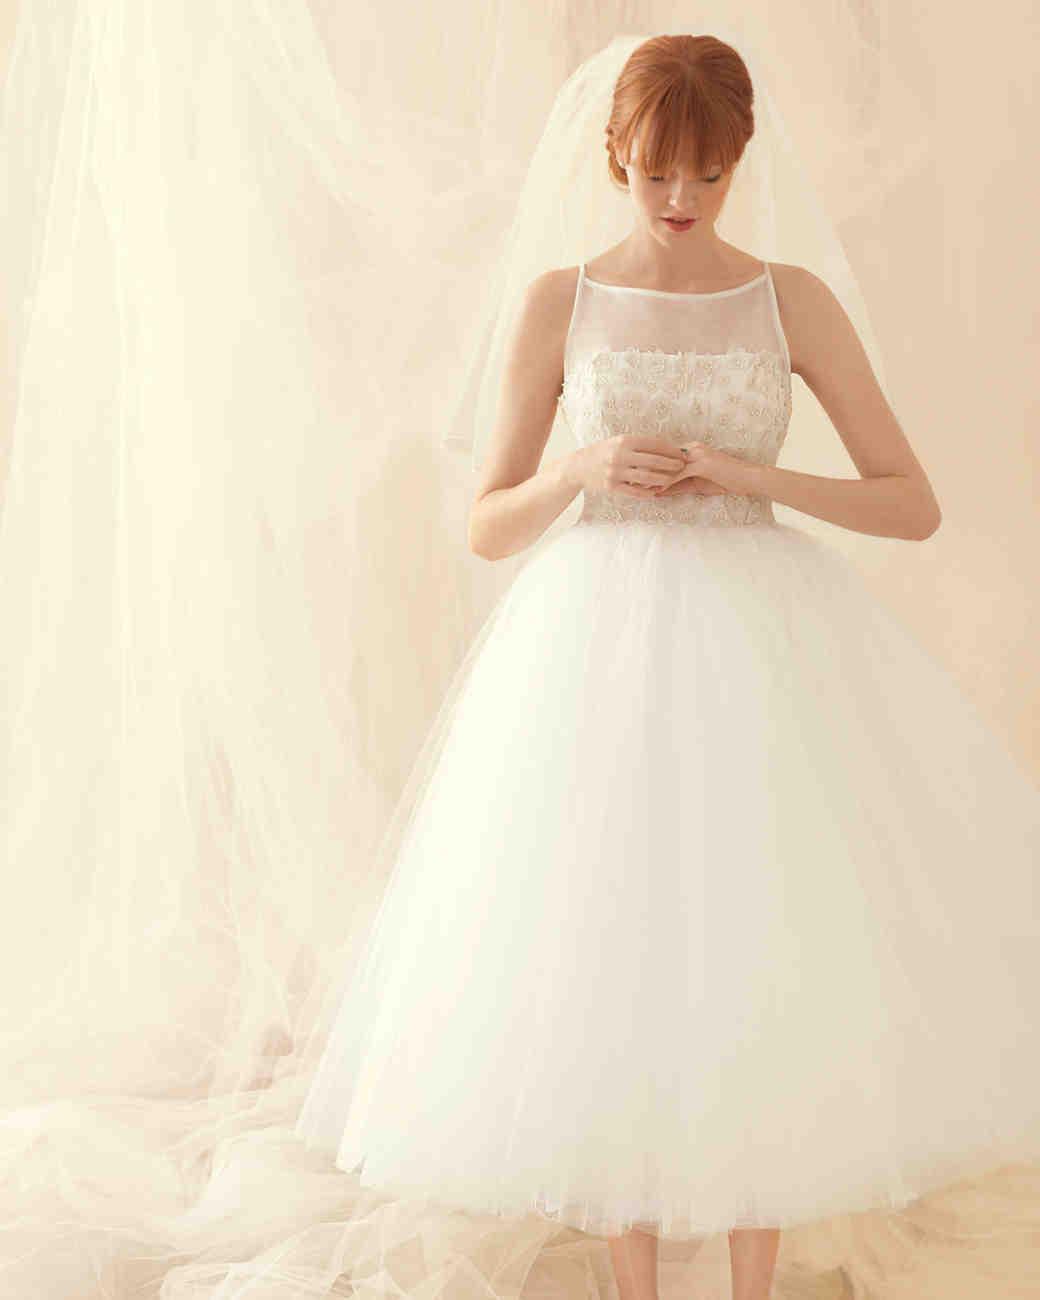 best wedding dress shopping tips best wedding dress Set a Budget